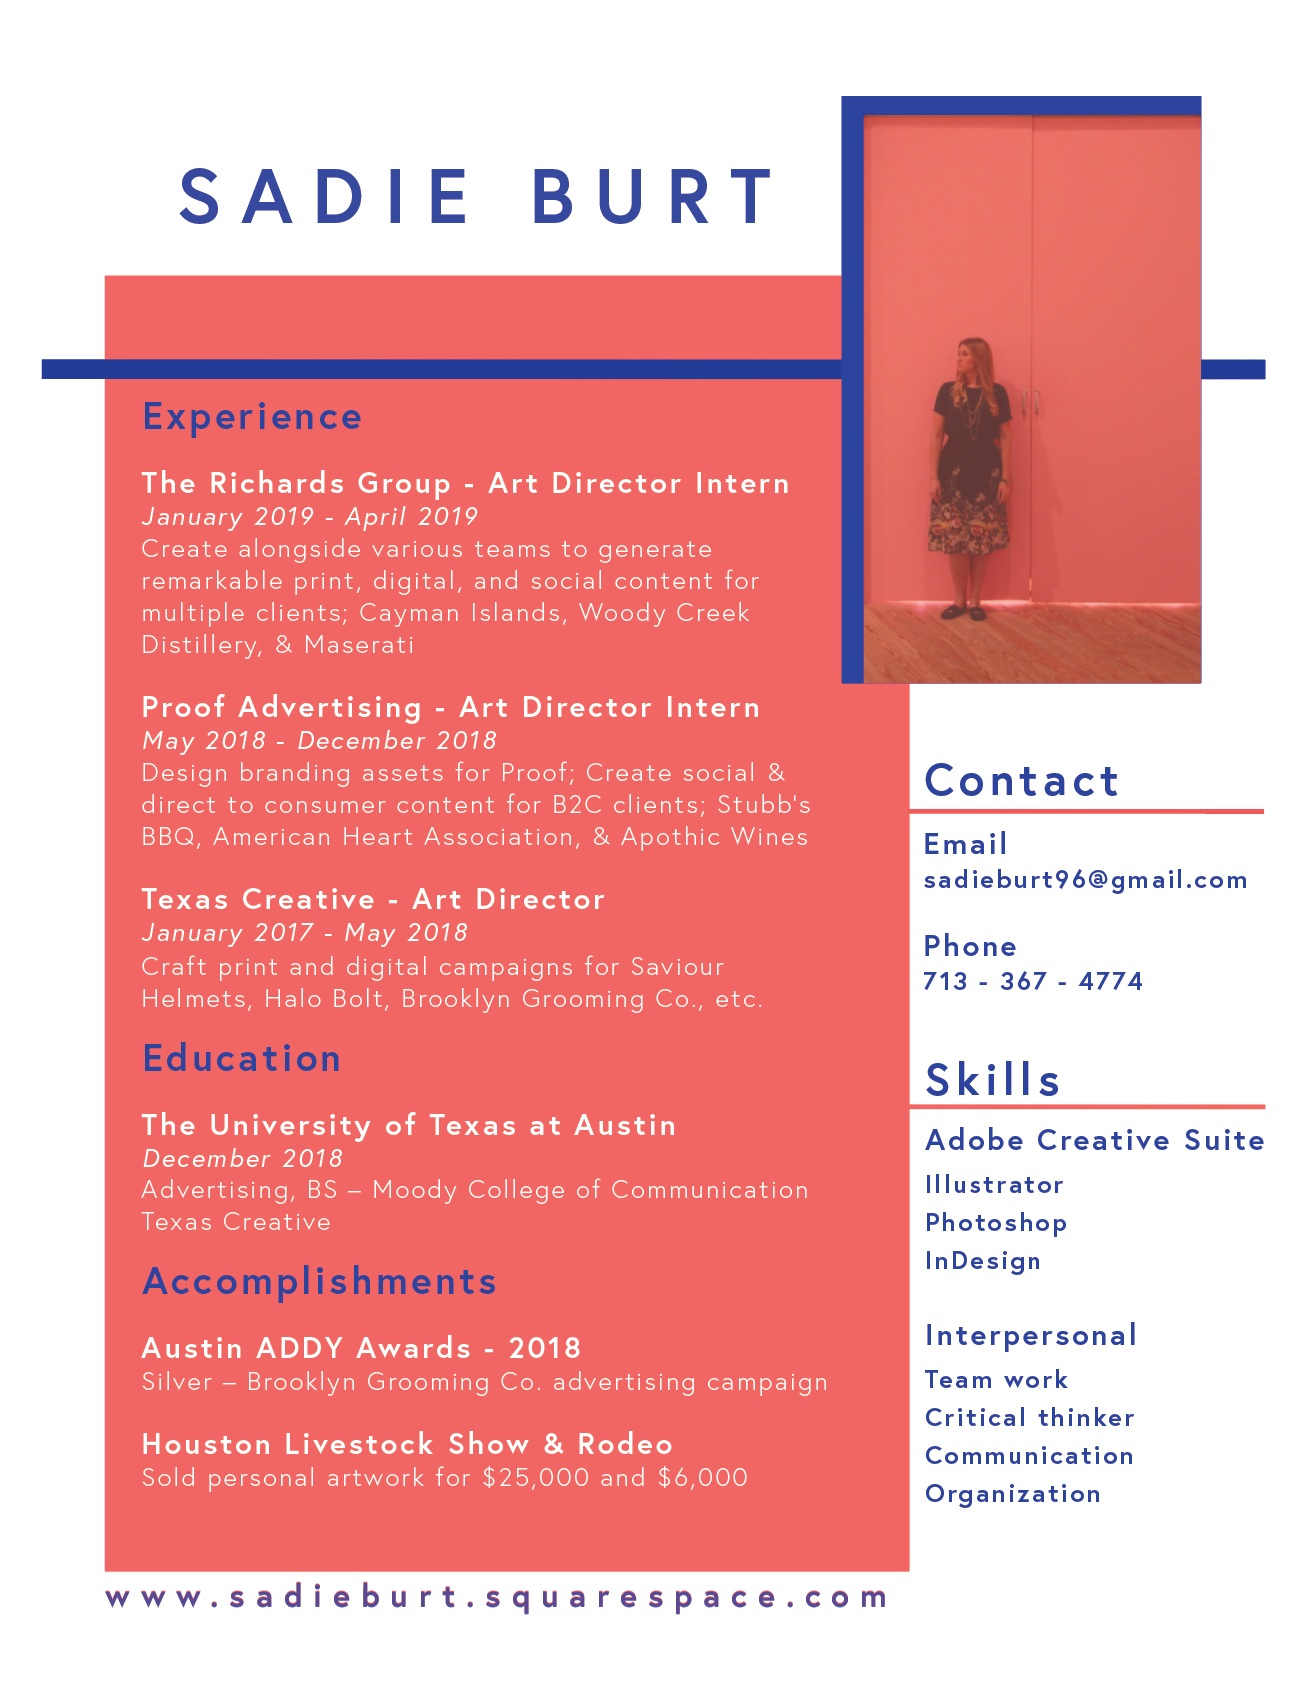 Resume_June2019.jpg